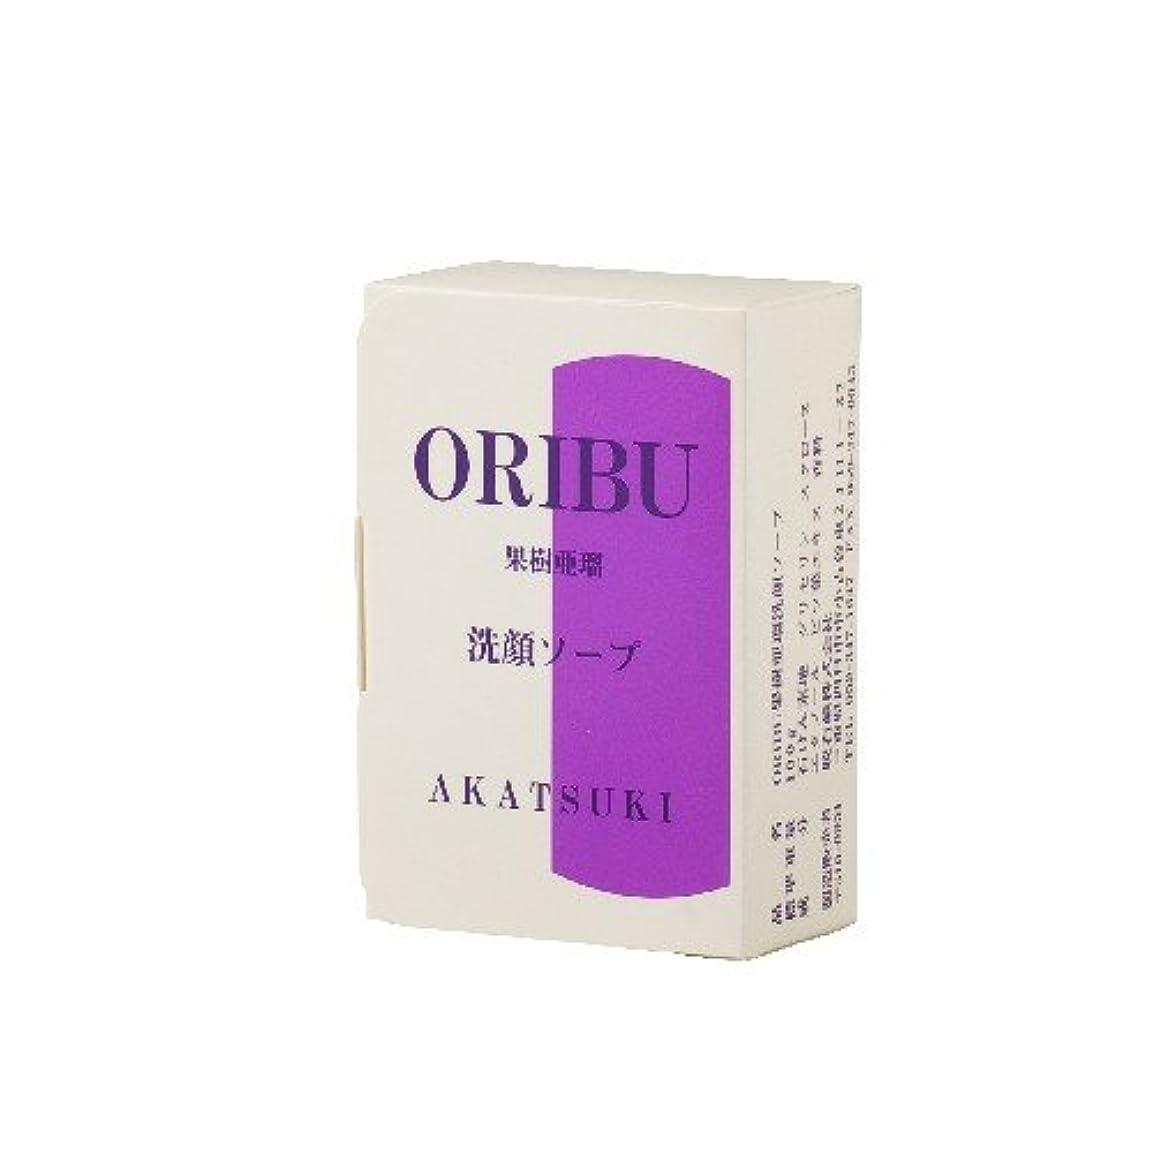 ORIBU果樹亜瑠 洗顔ソープ 100g